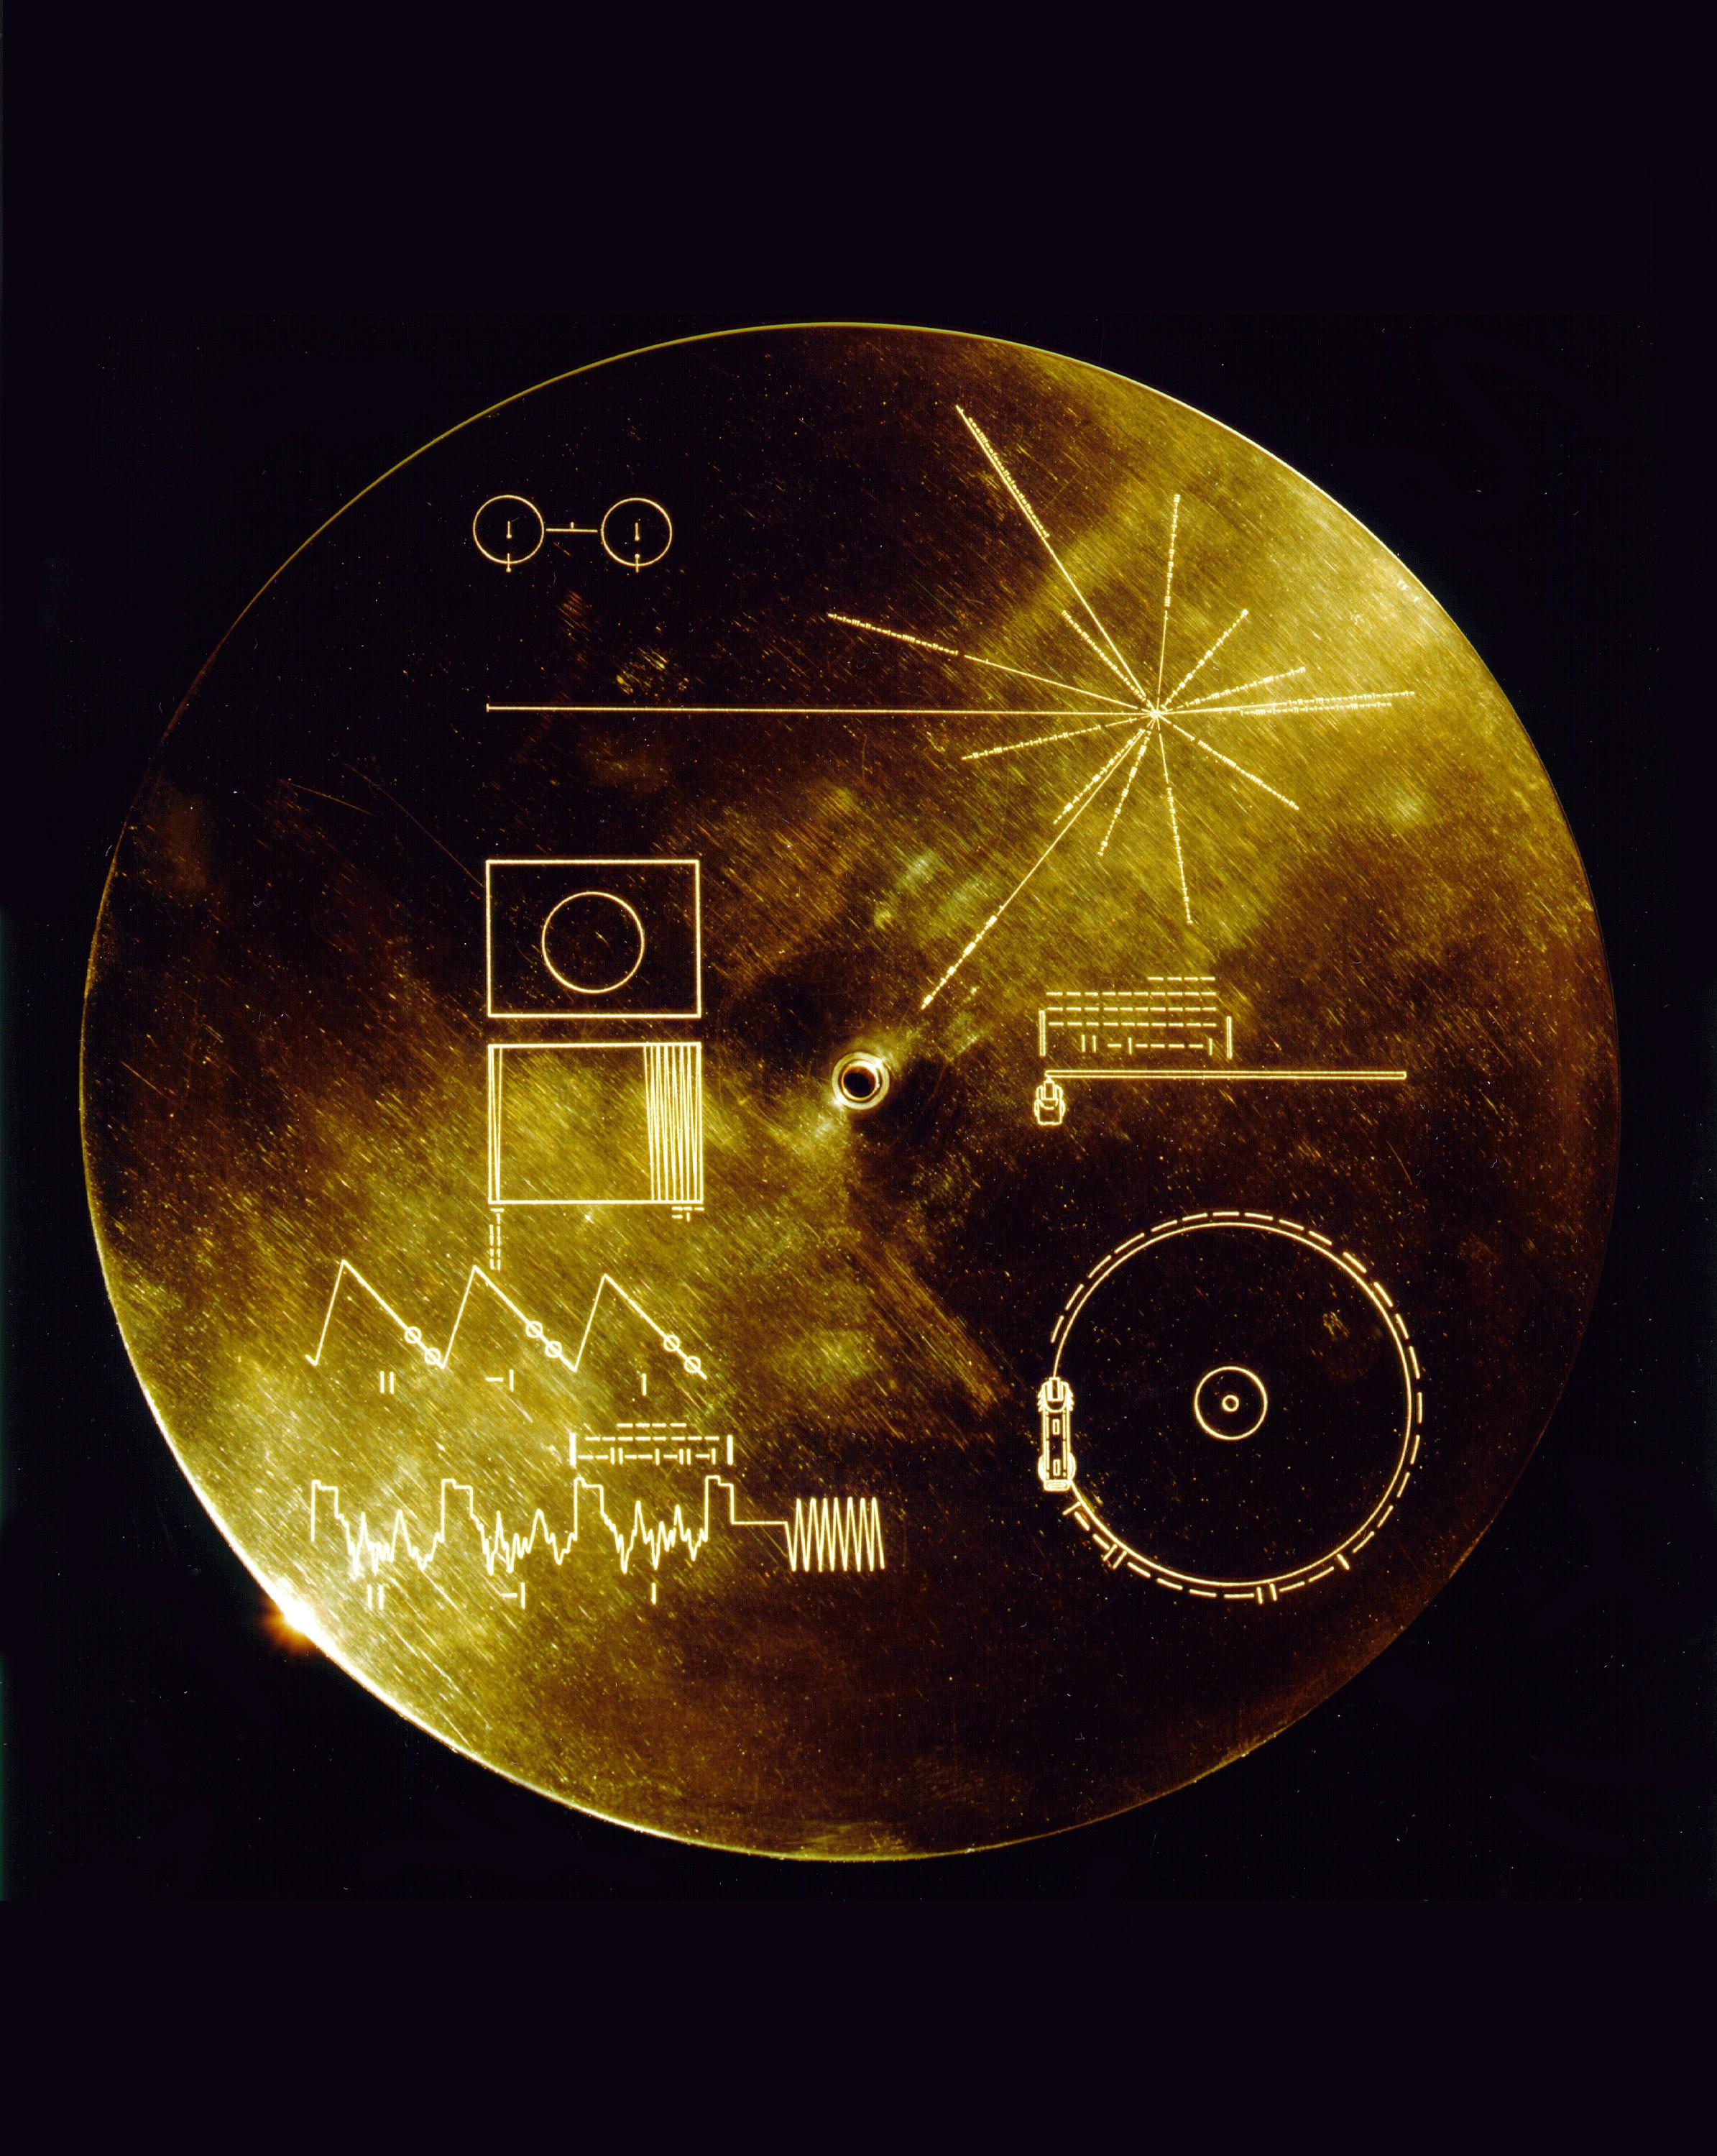 Cada disco dourado tem 115 imagens da vida na Terra (Foto: Nasa)